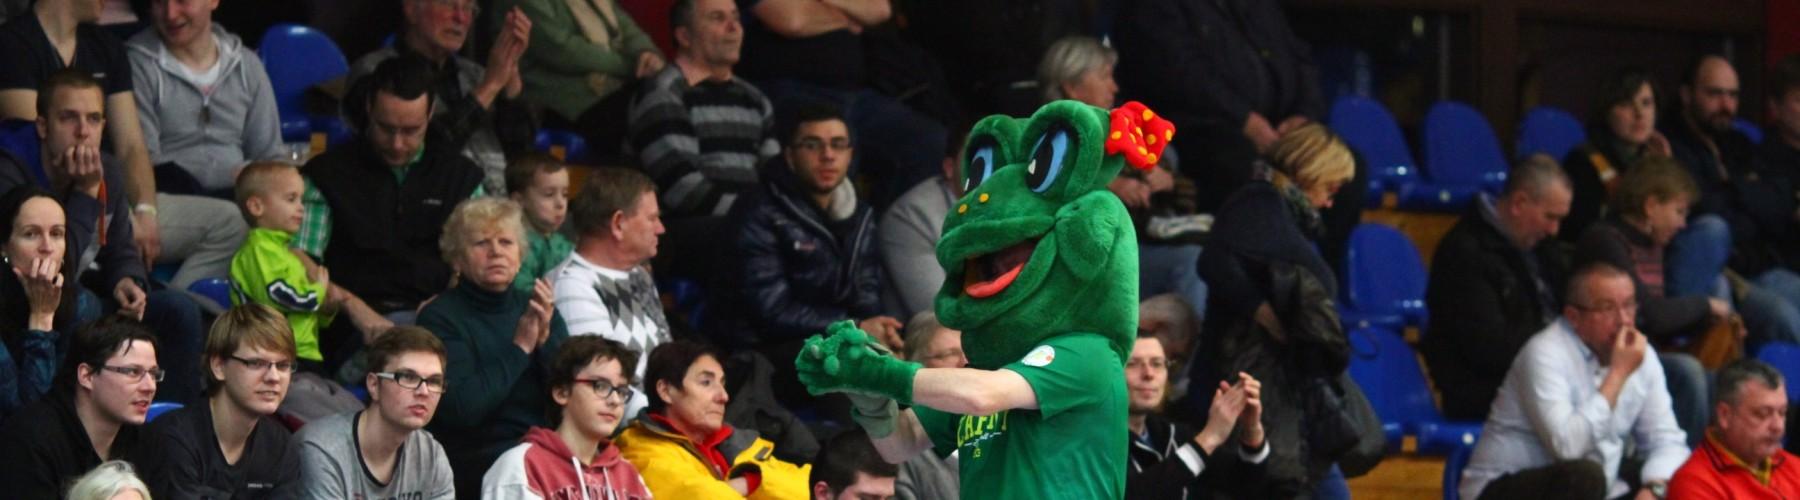 Basketbalový klub Žabiny Brno - fotografie z utkání